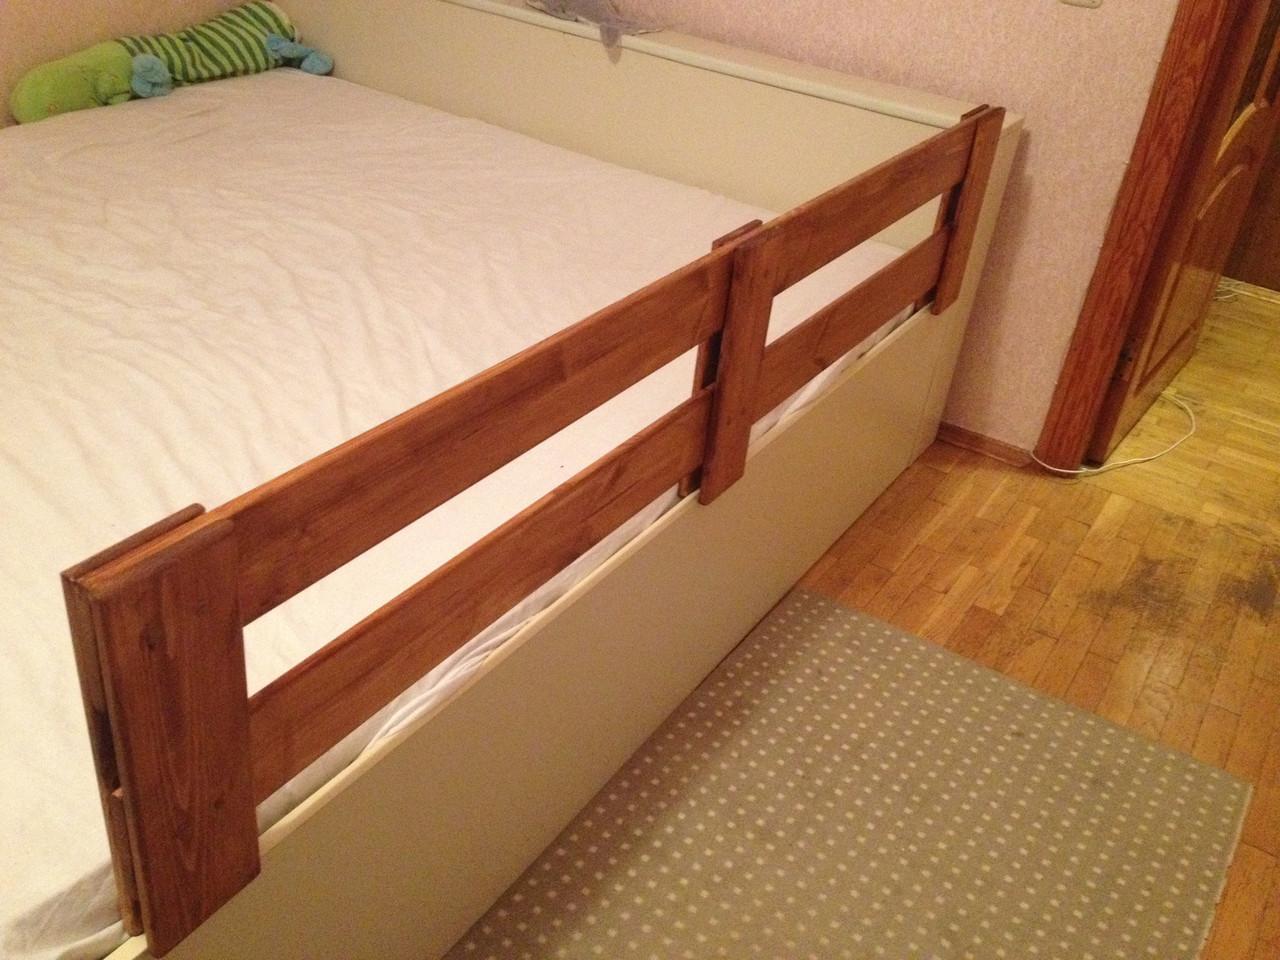 Ограничители для детской кроватки: какой лучше изготовить? 54